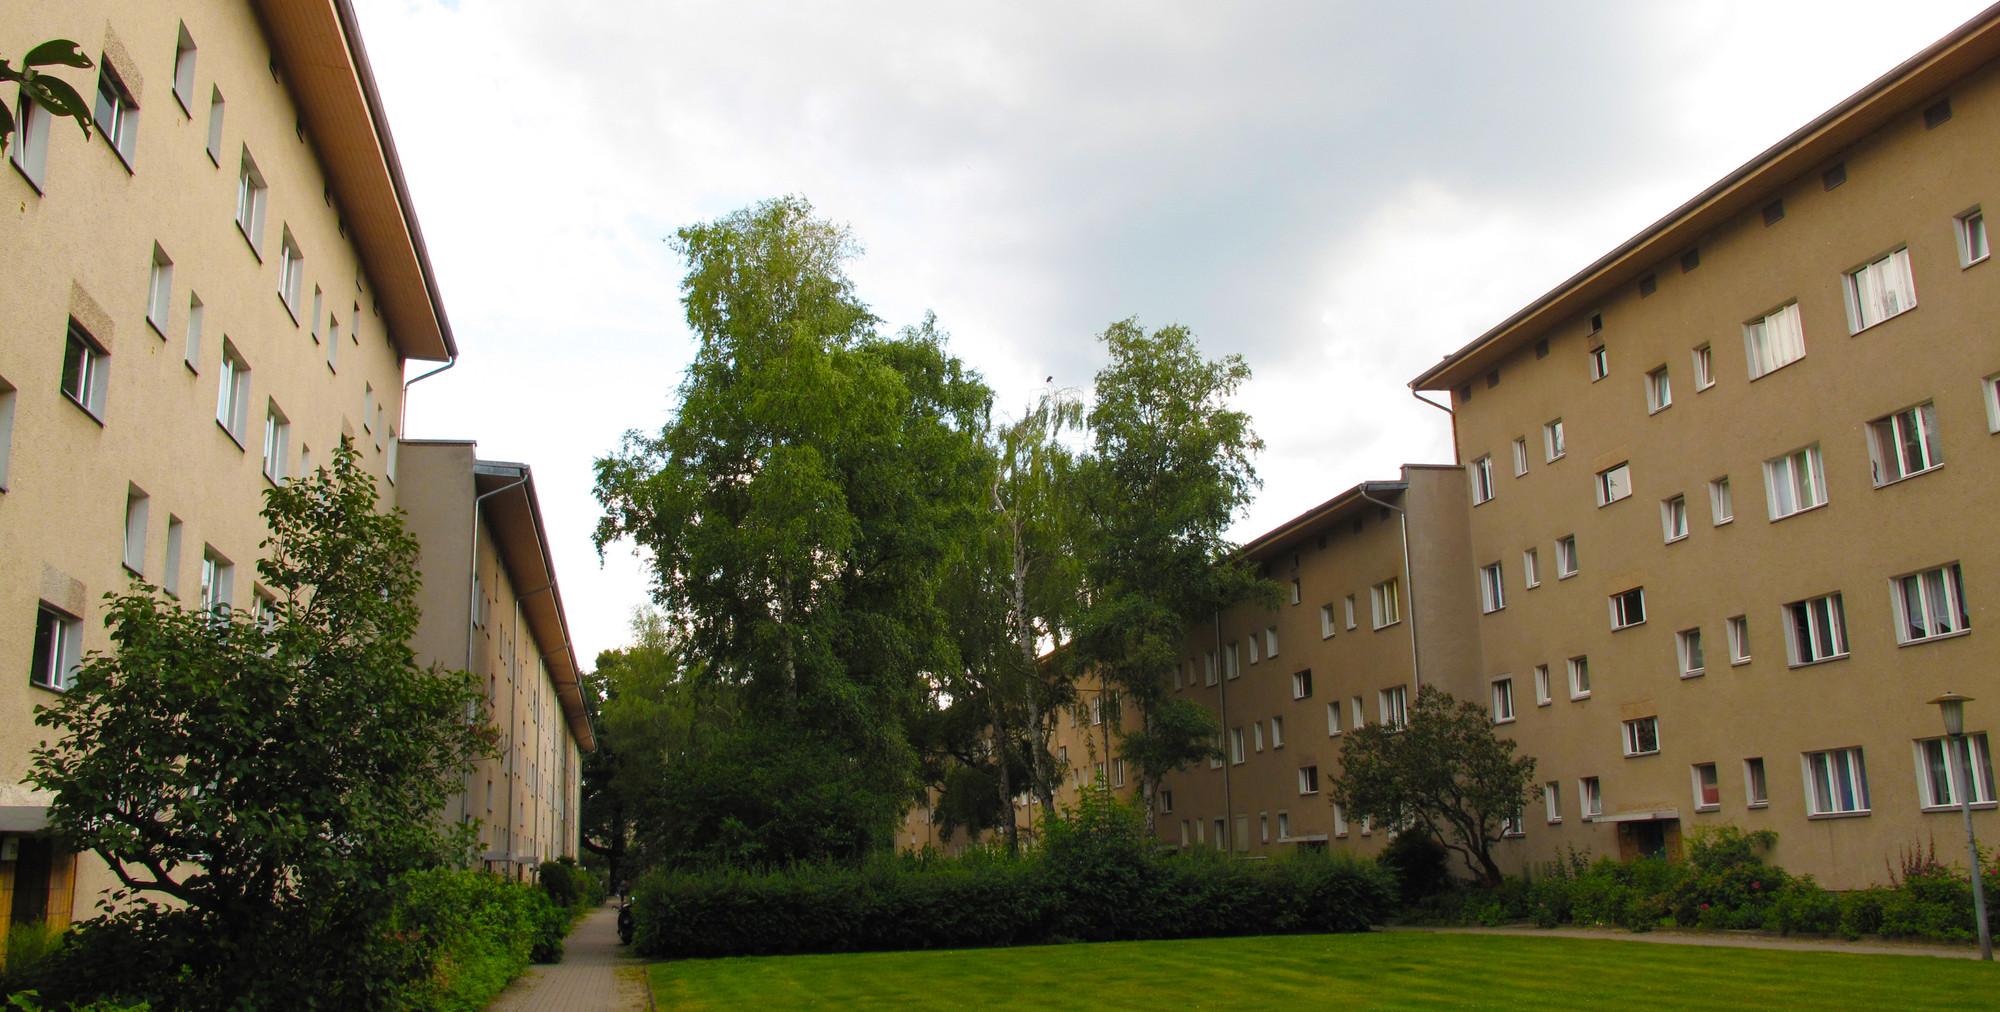 Vista parcial de viviendas realizadas por Paul R.Henning en la Heckerdamm.. Image Courtesy of Óscar Miguel Ares